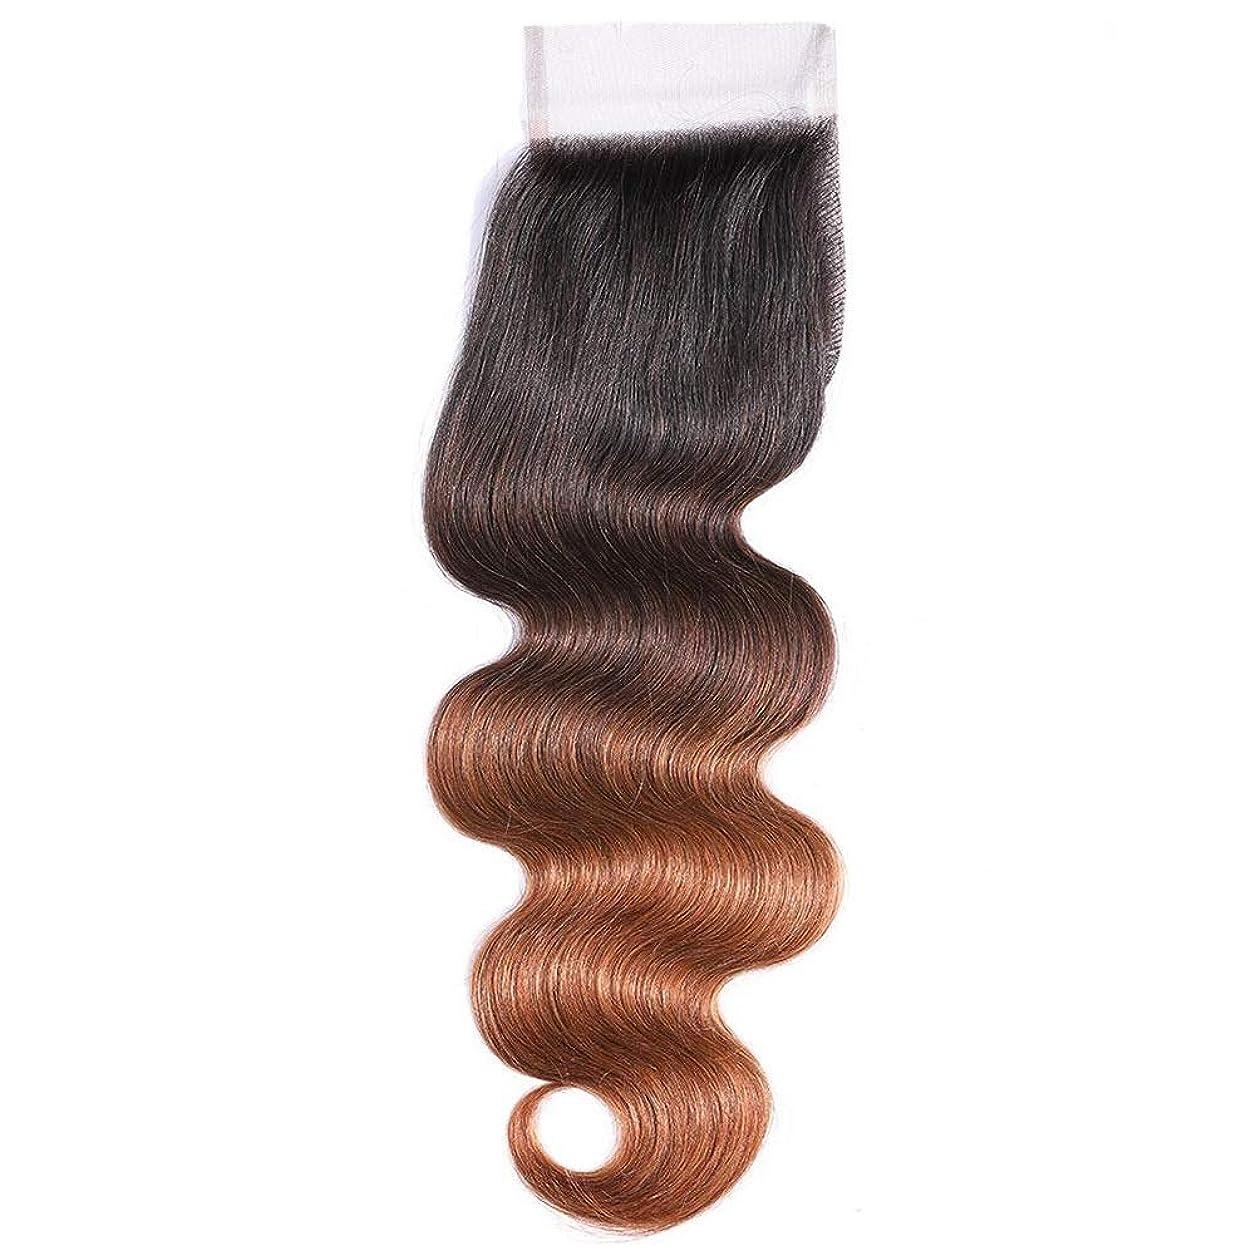 おびえたラベル神経BOBIDYEE ブラジルのトップレース前頭閉鎖ボディウェーブ人間の髪の毛の閉鎖4 * 4インチ - ブラウン3トーン色長い巻き毛のかつらブラウンかつらへの1B / 4/30ブラック (色 : ブラウン, サイズ : 12 inch)